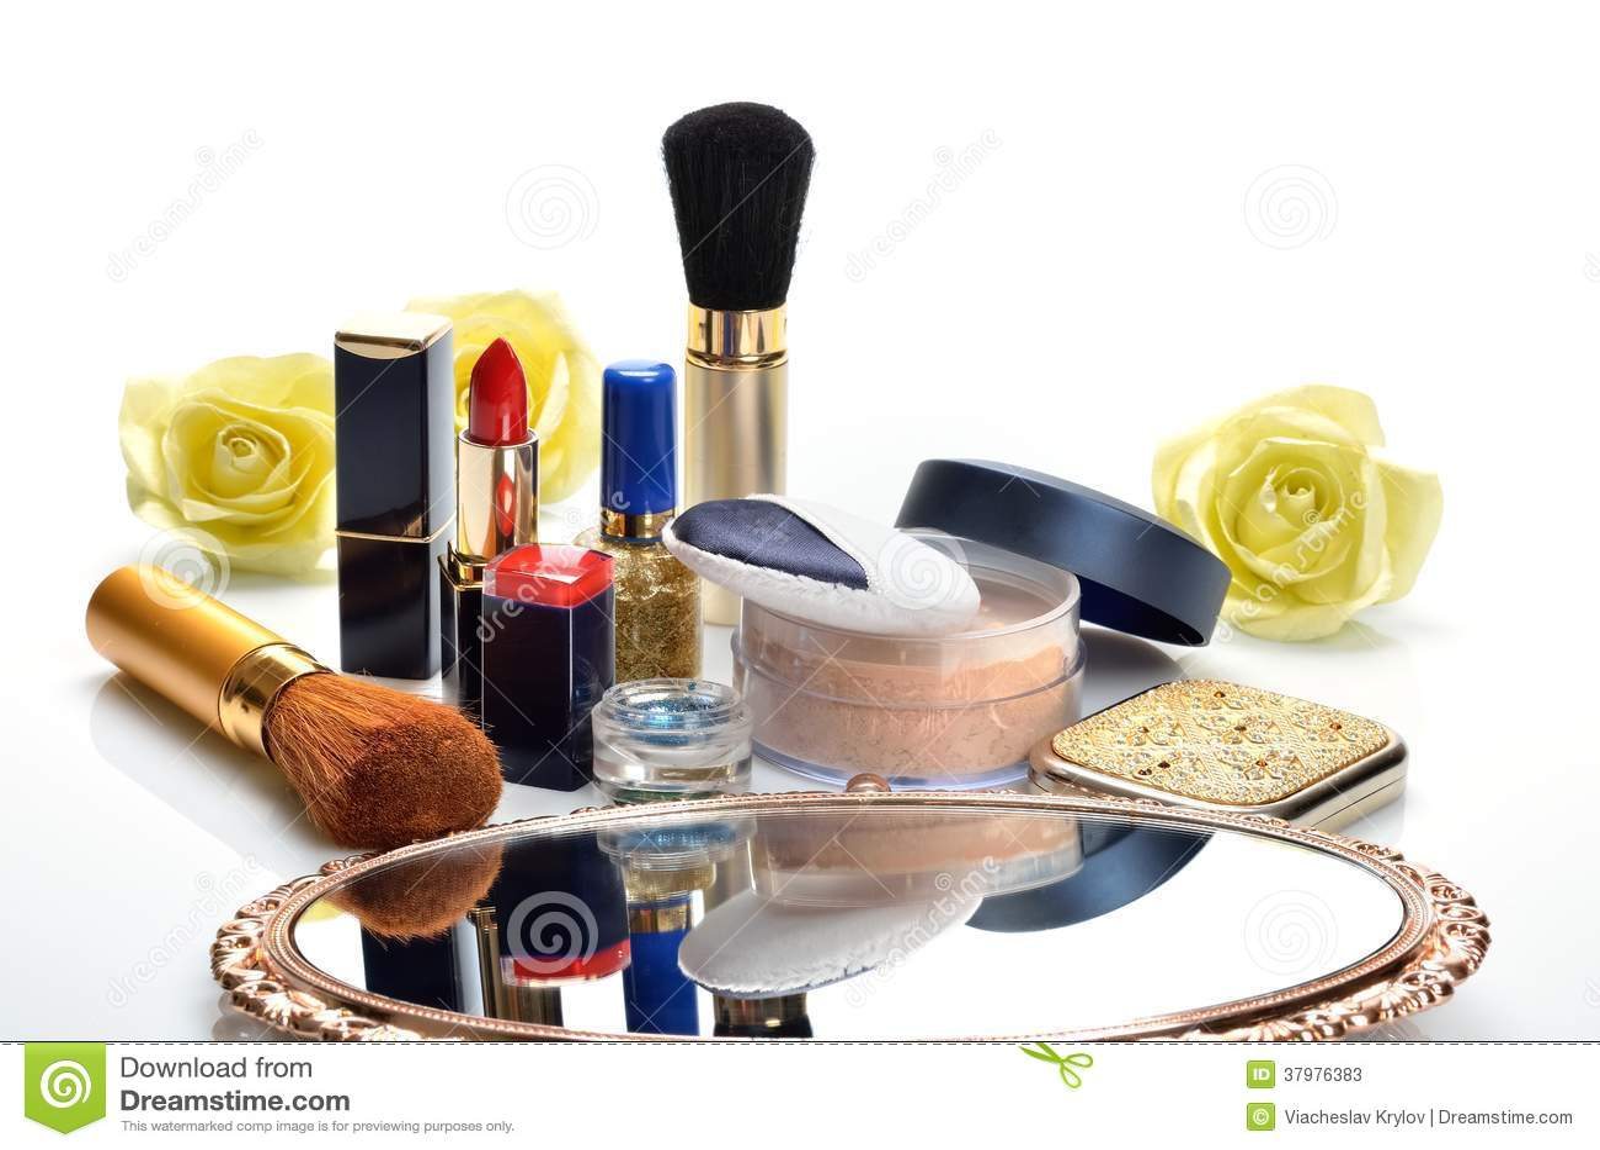 Spiegel Make Up : Einzelteile für dekorative kosmetik make up spiegel und blumen